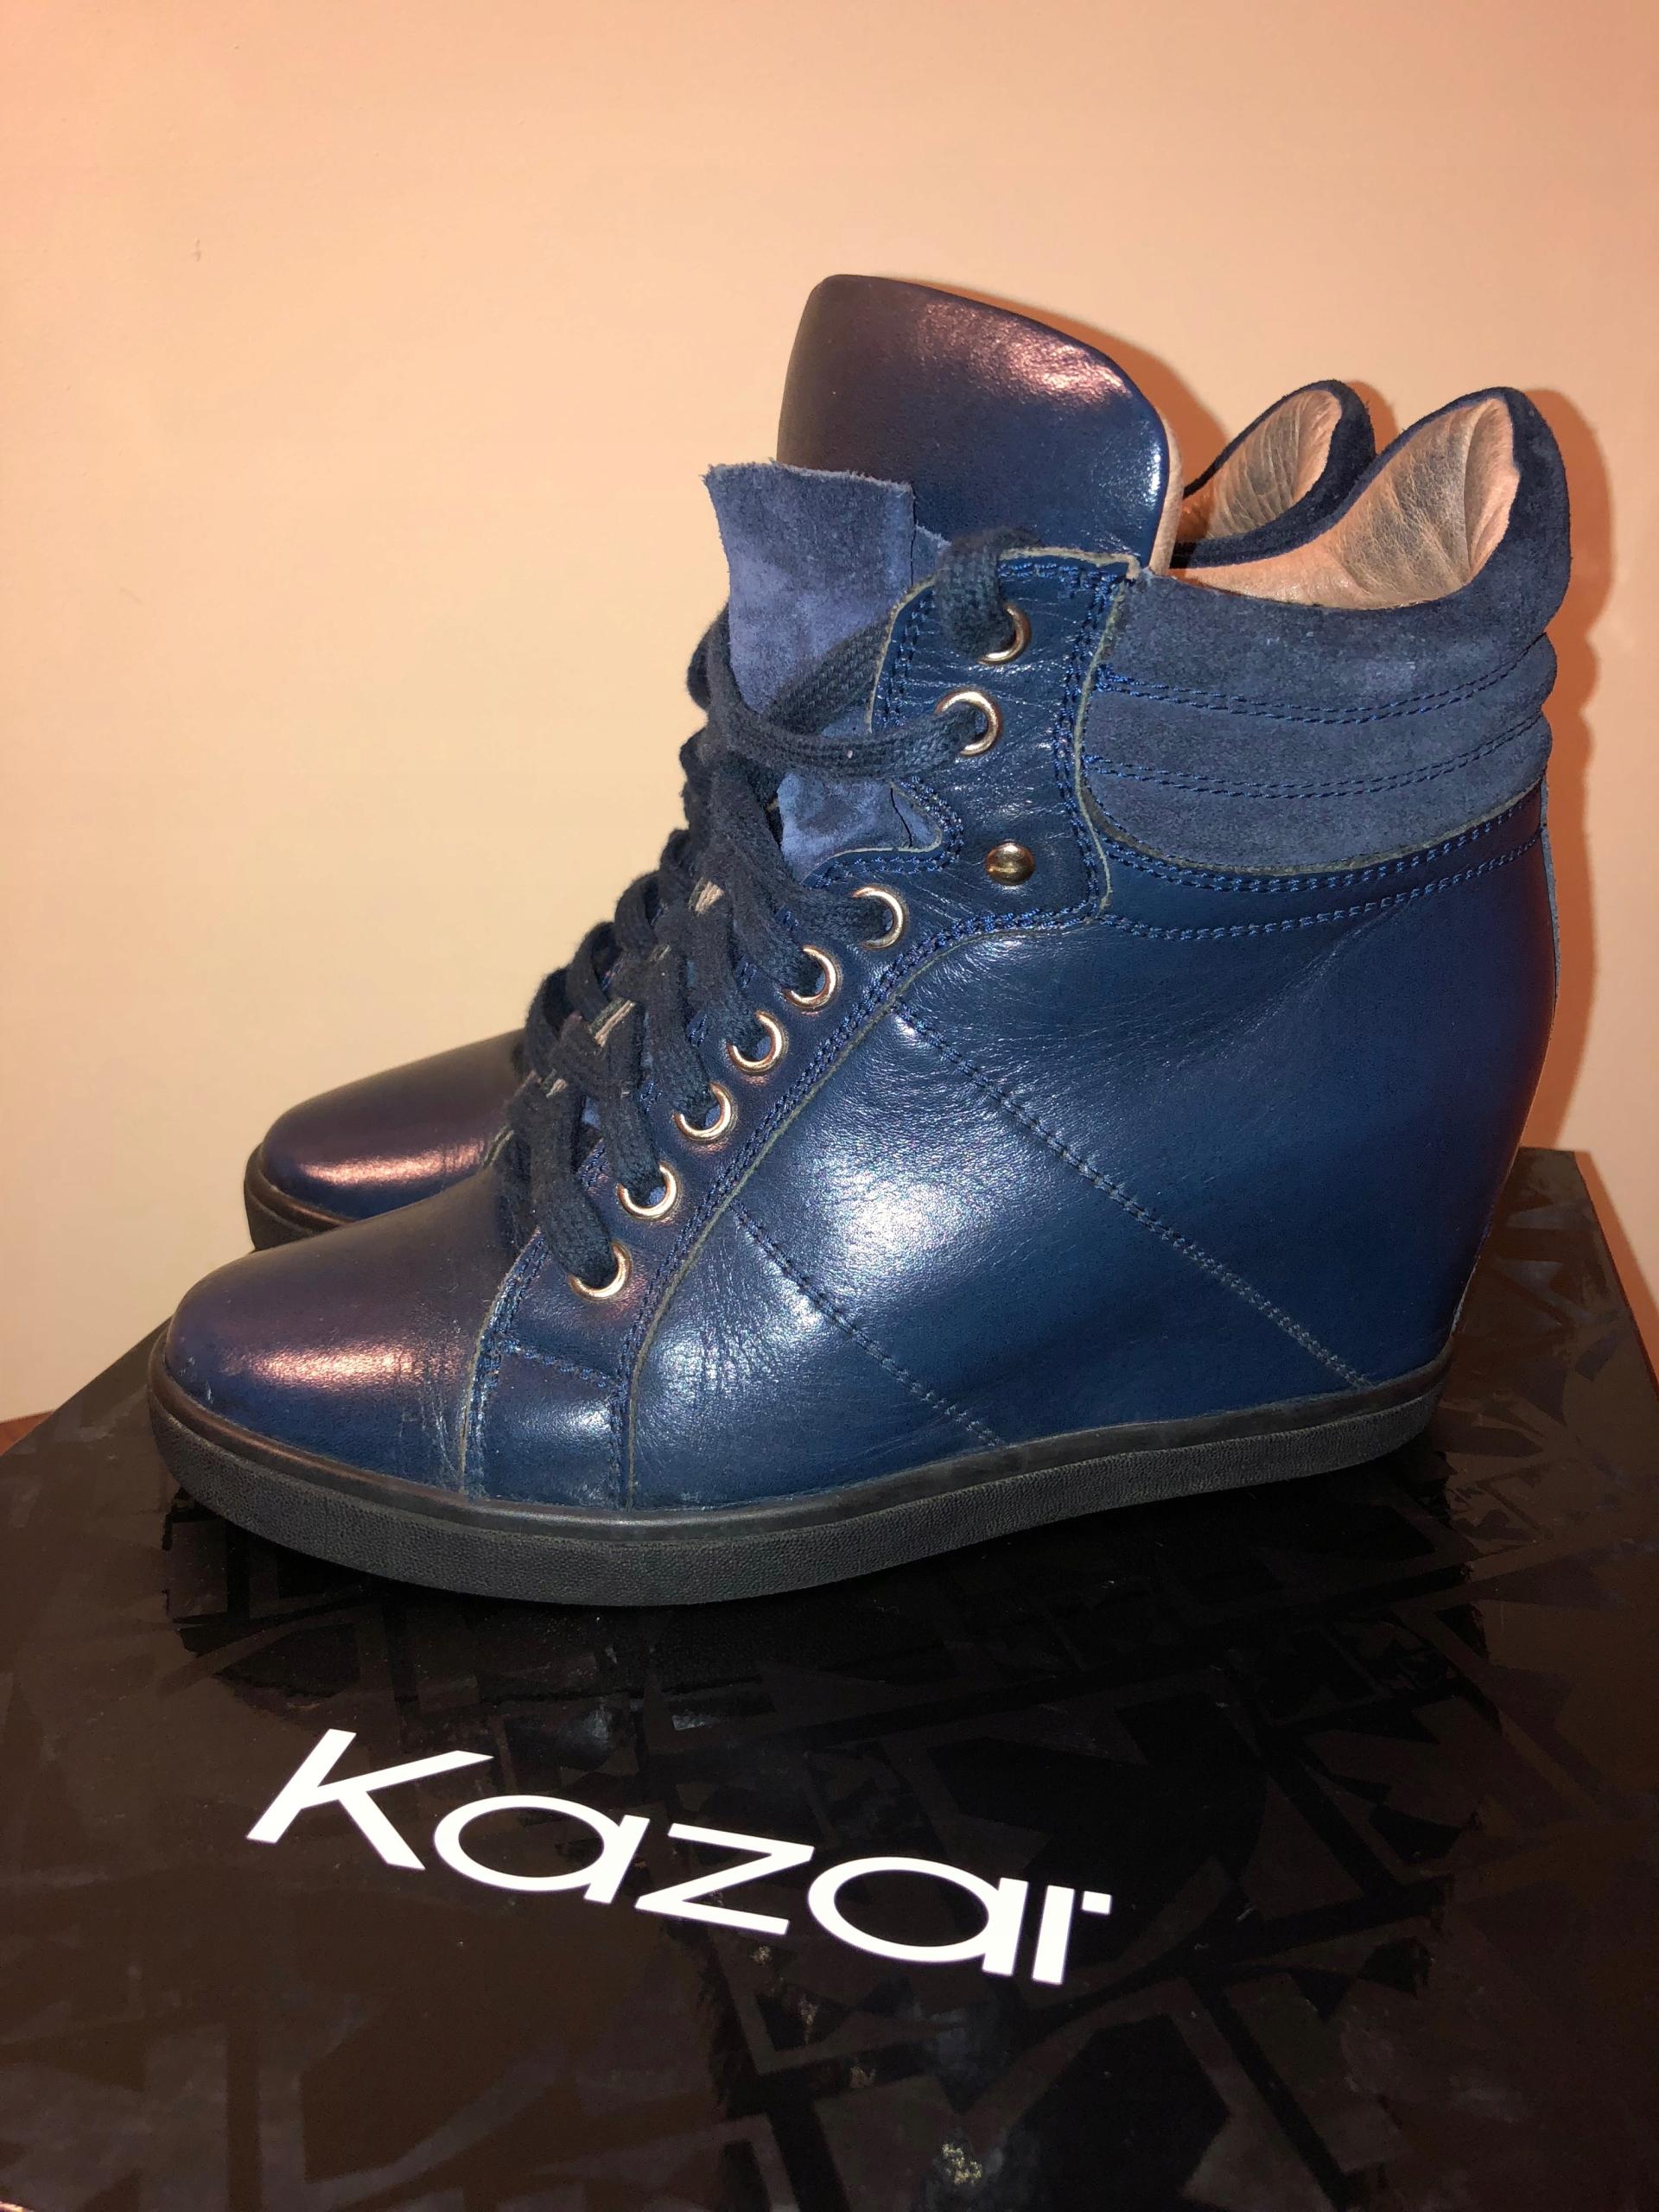 18f8a4f0 Kazar piękne botki sneakers granat skóra 38 - 7640218245 - oficjalne ...